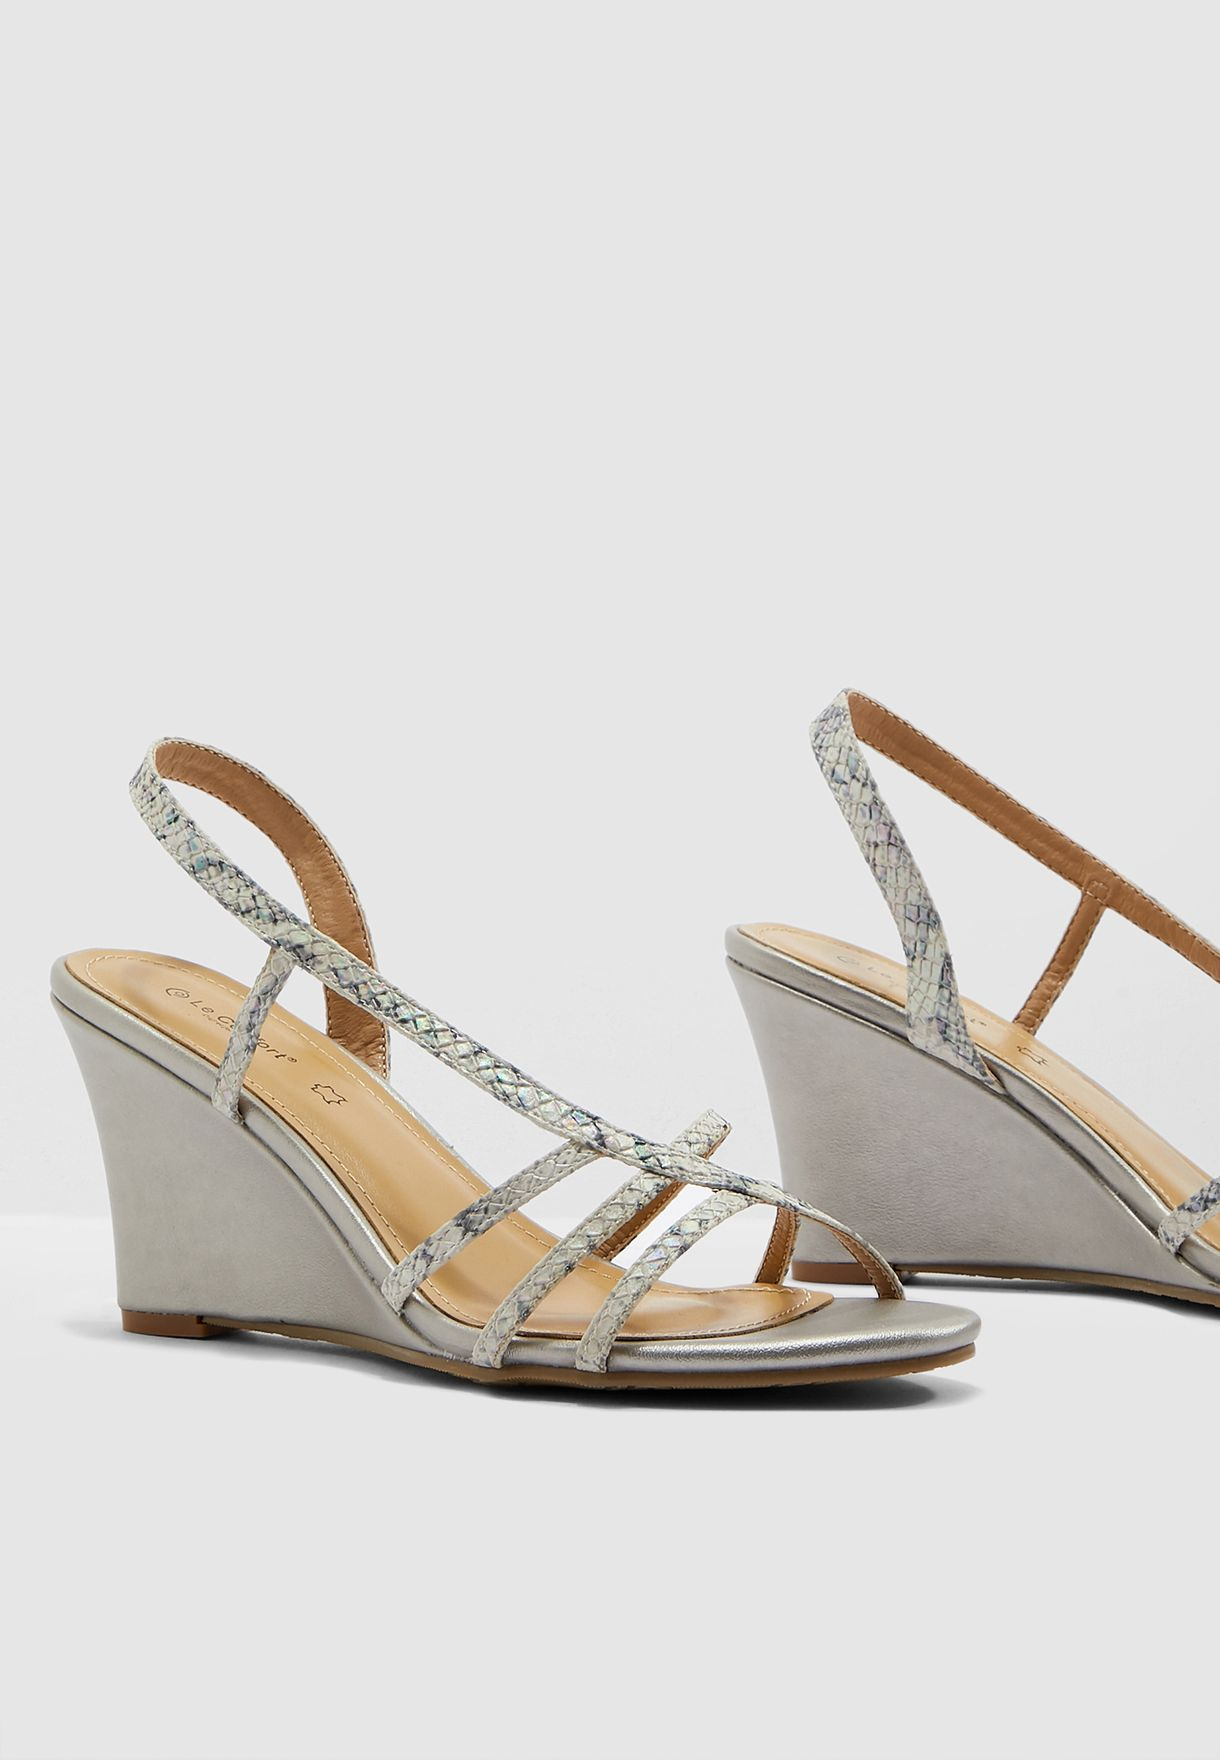 cd0c586ed6c9 Shop Le Confort prints Multi Strap Wedge Sandal - Multicolor MR-J1 ...